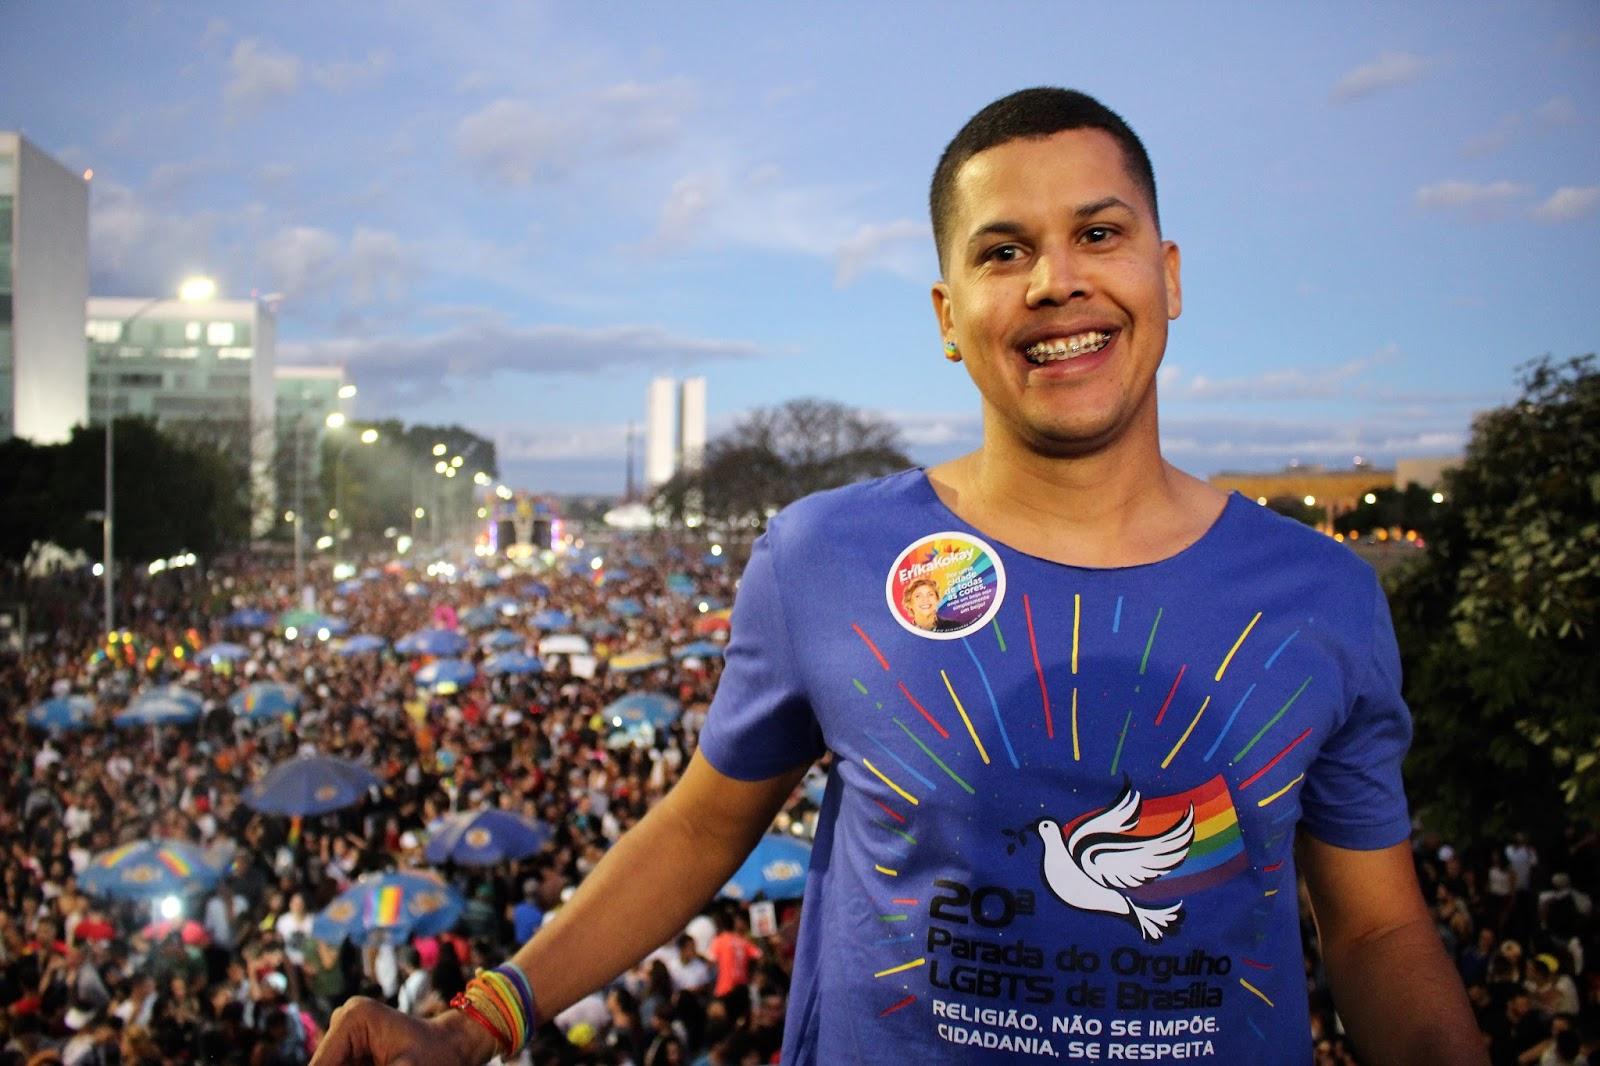 Em defesa do Estado laico e celebrando lei, parada de Brasília reúne 60 mil pessoas